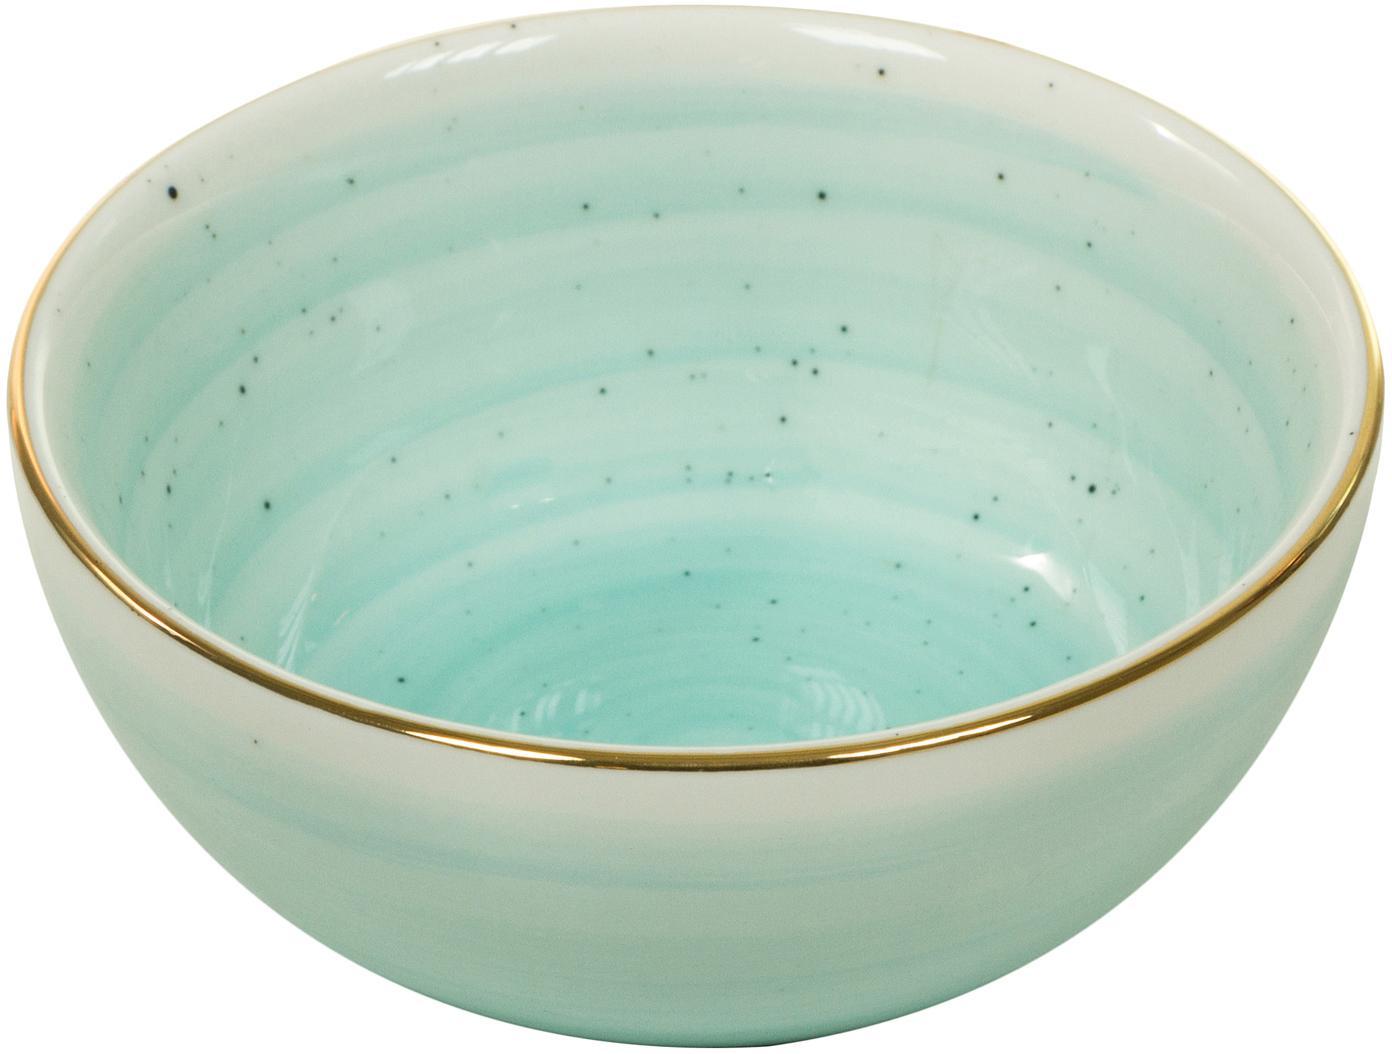 Handgemaakte schalen Bol met goudkleurige rand, 2 stuks, Porselein, Turquoiseblauw, Ø 10 x H 6 cm